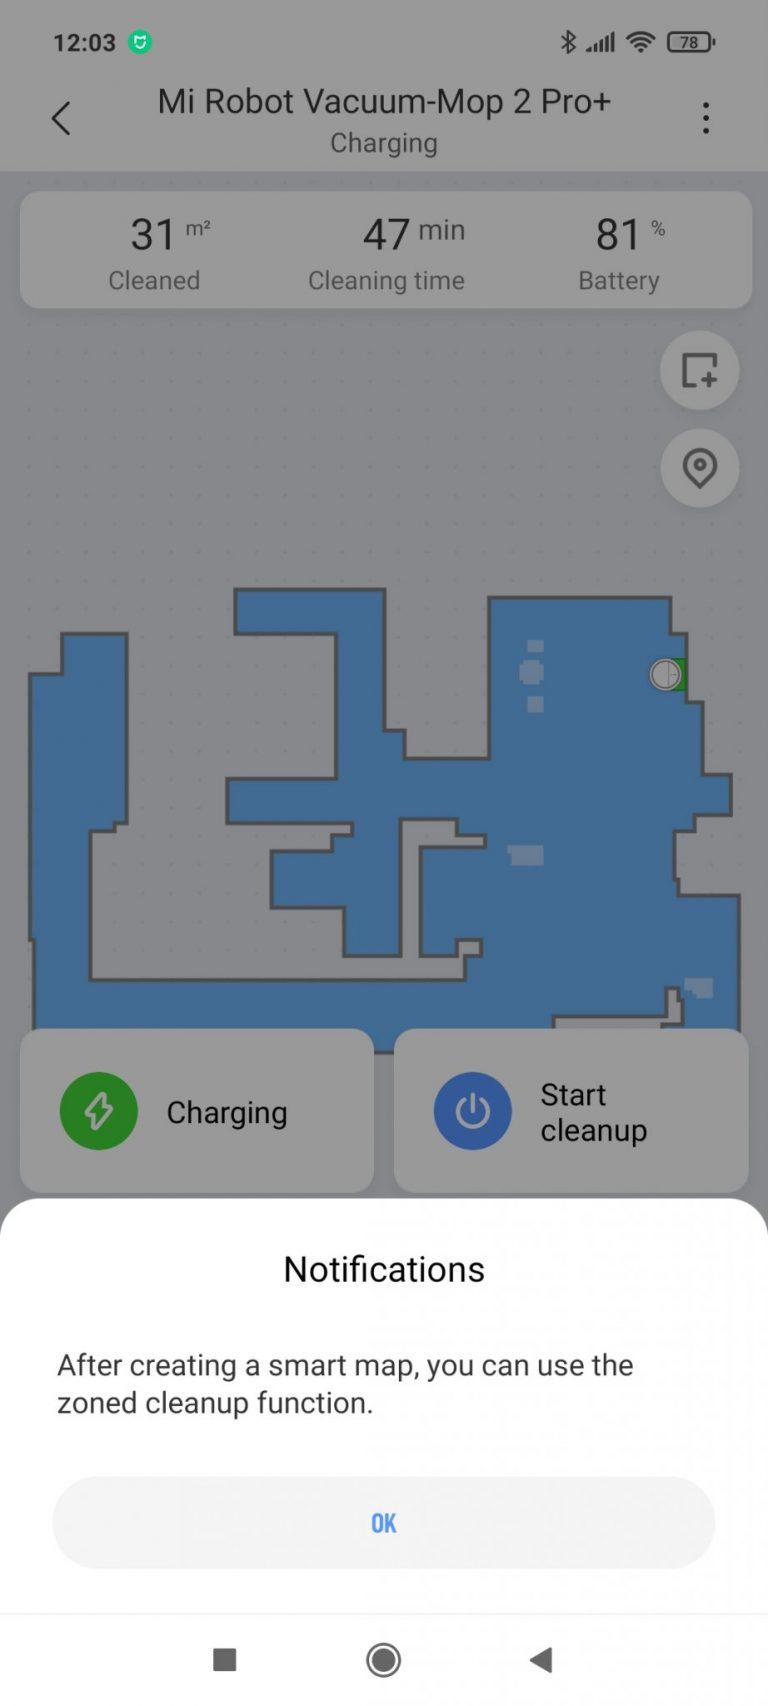 Xiaomi Vacuum-Mop 2 Pro+ robotporszívó tesztje 23